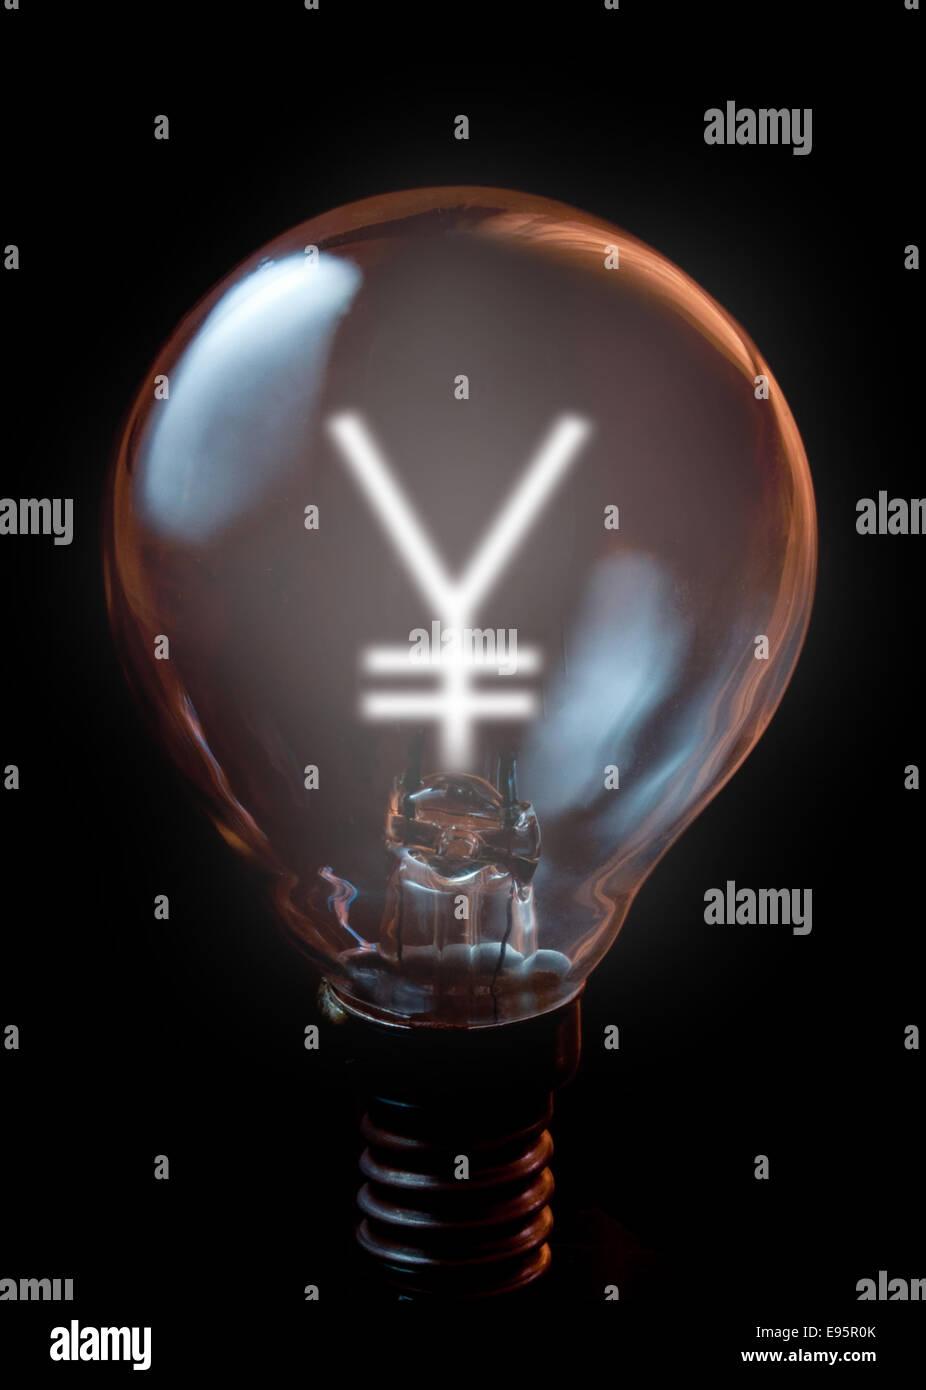 Chinese yen symbol illuminated light bulb - Stock Image